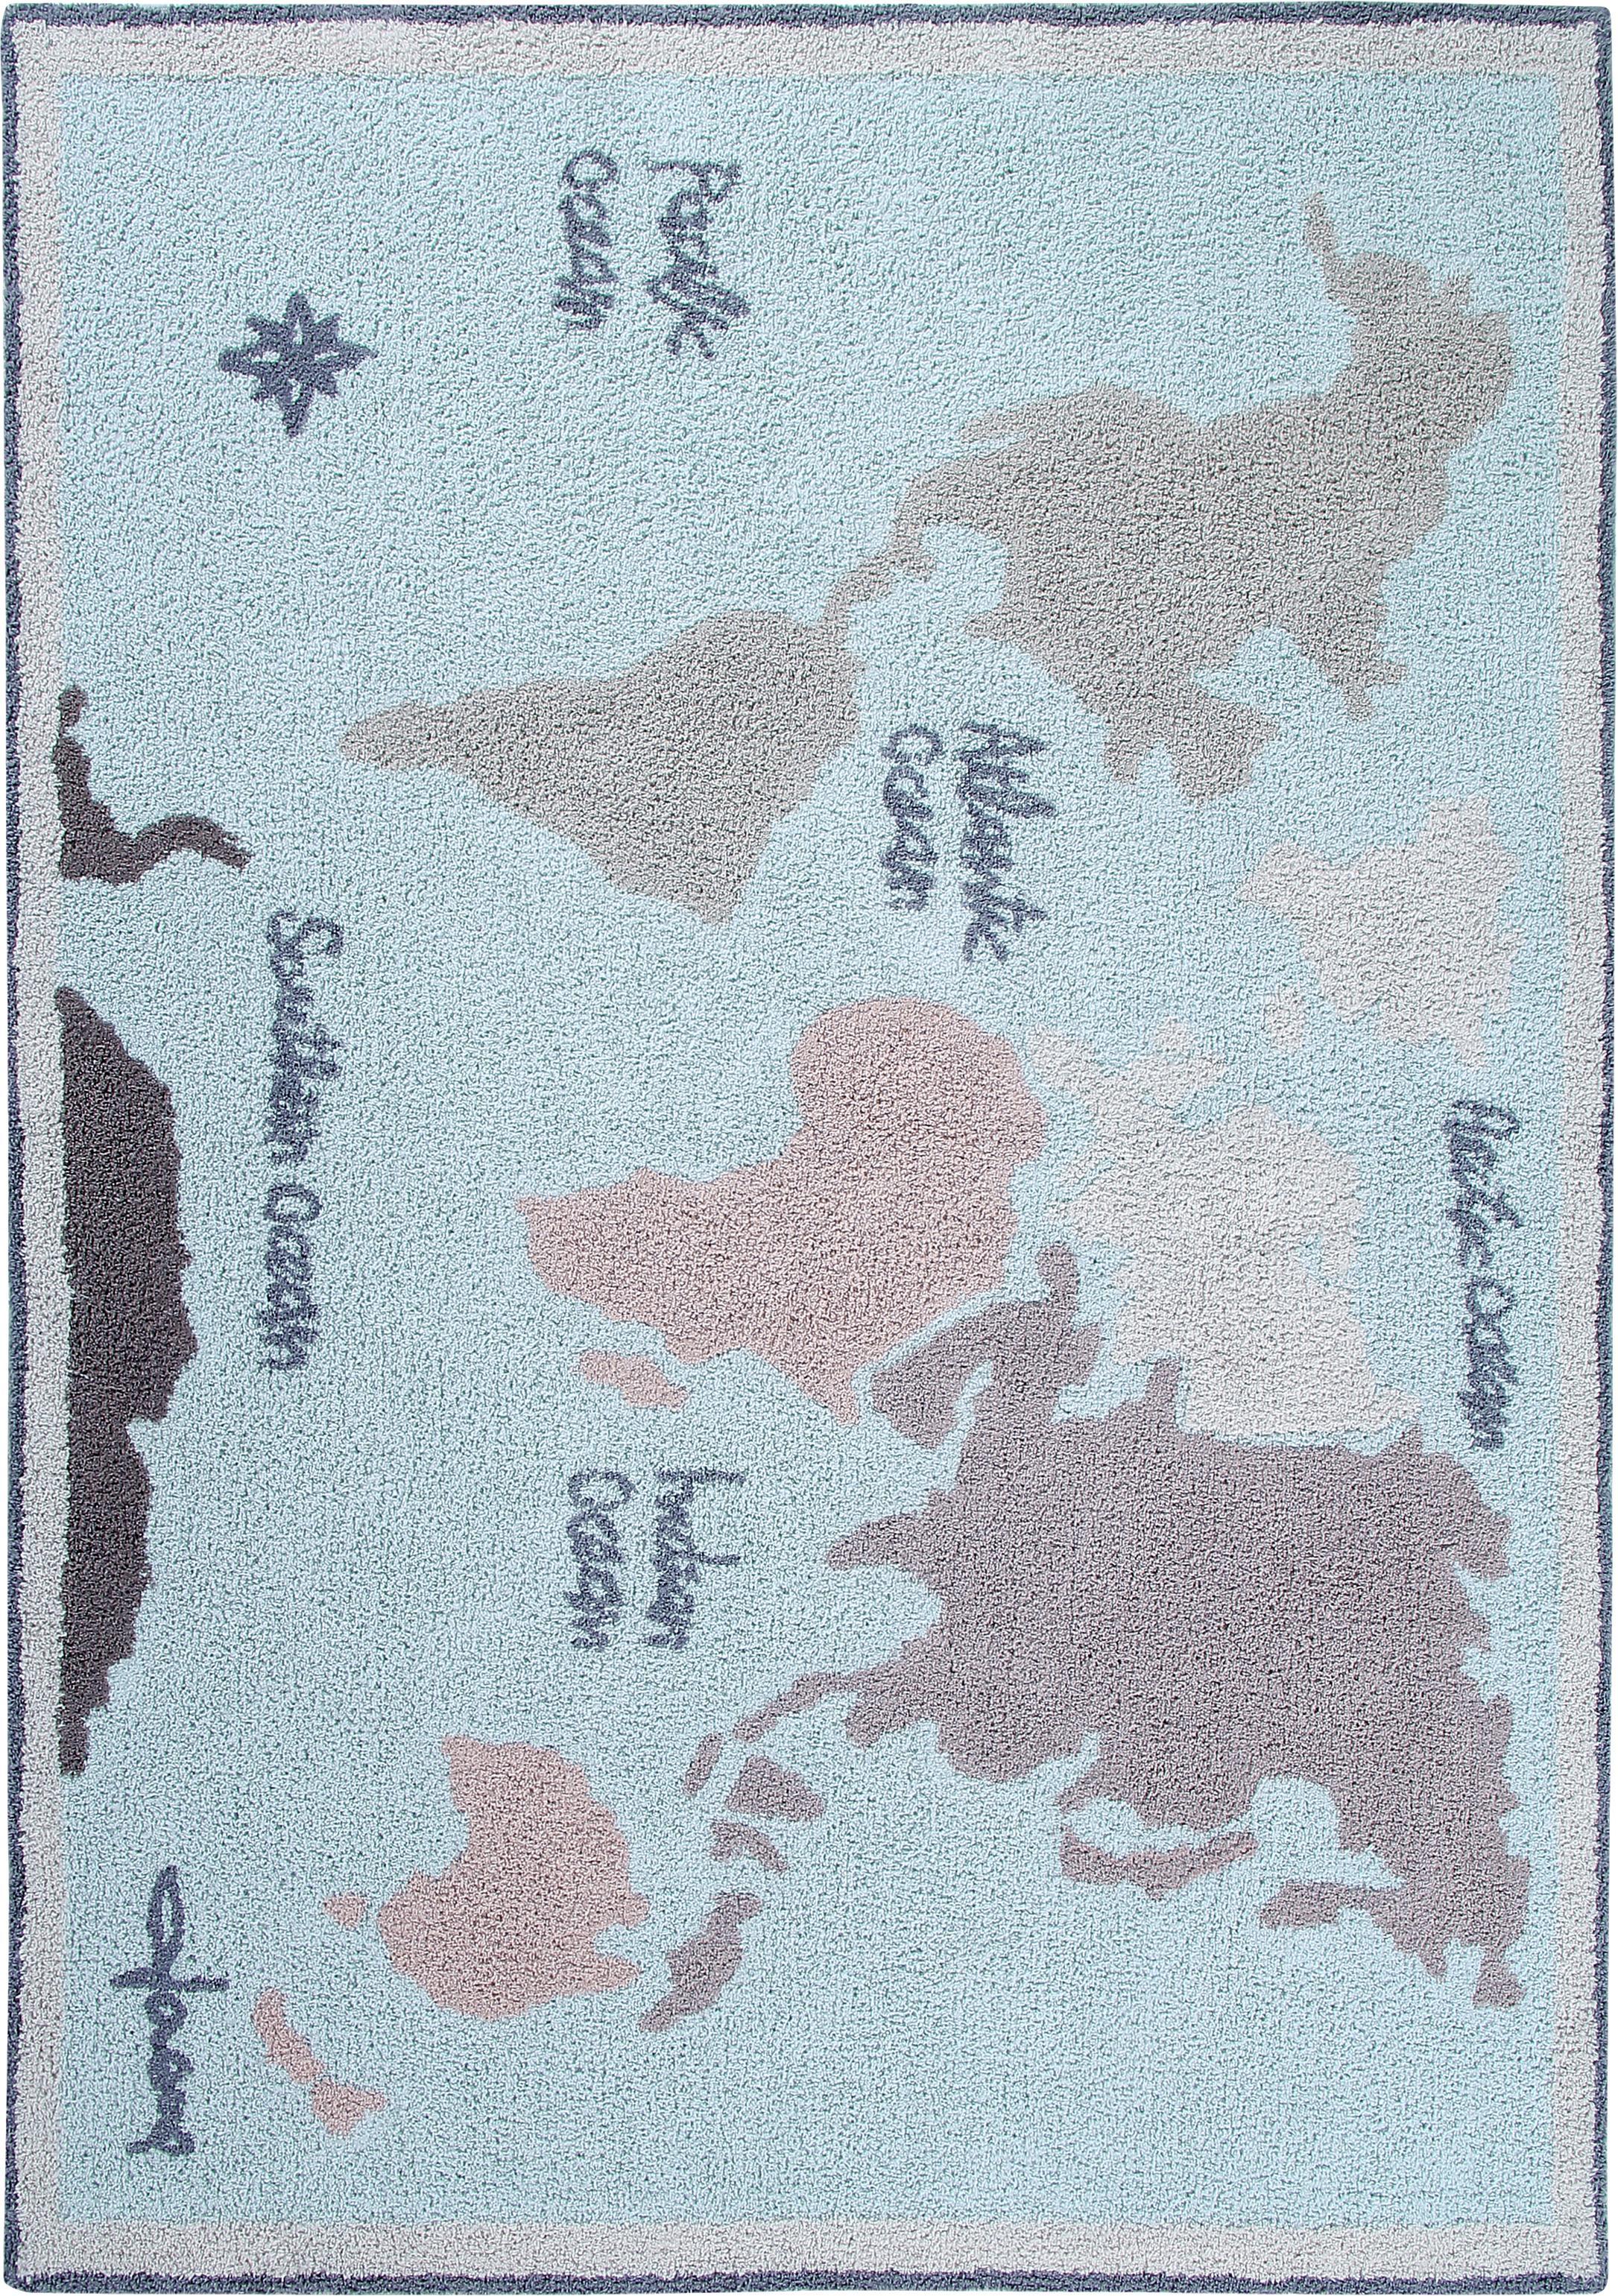 Tappeto lavabile Vintage Map, Vello: 97% cotone, 3% cotone ric, Retro: cotone riciclato, Beige, grigio, blu, Larg. 140 x Lung. 200 cm